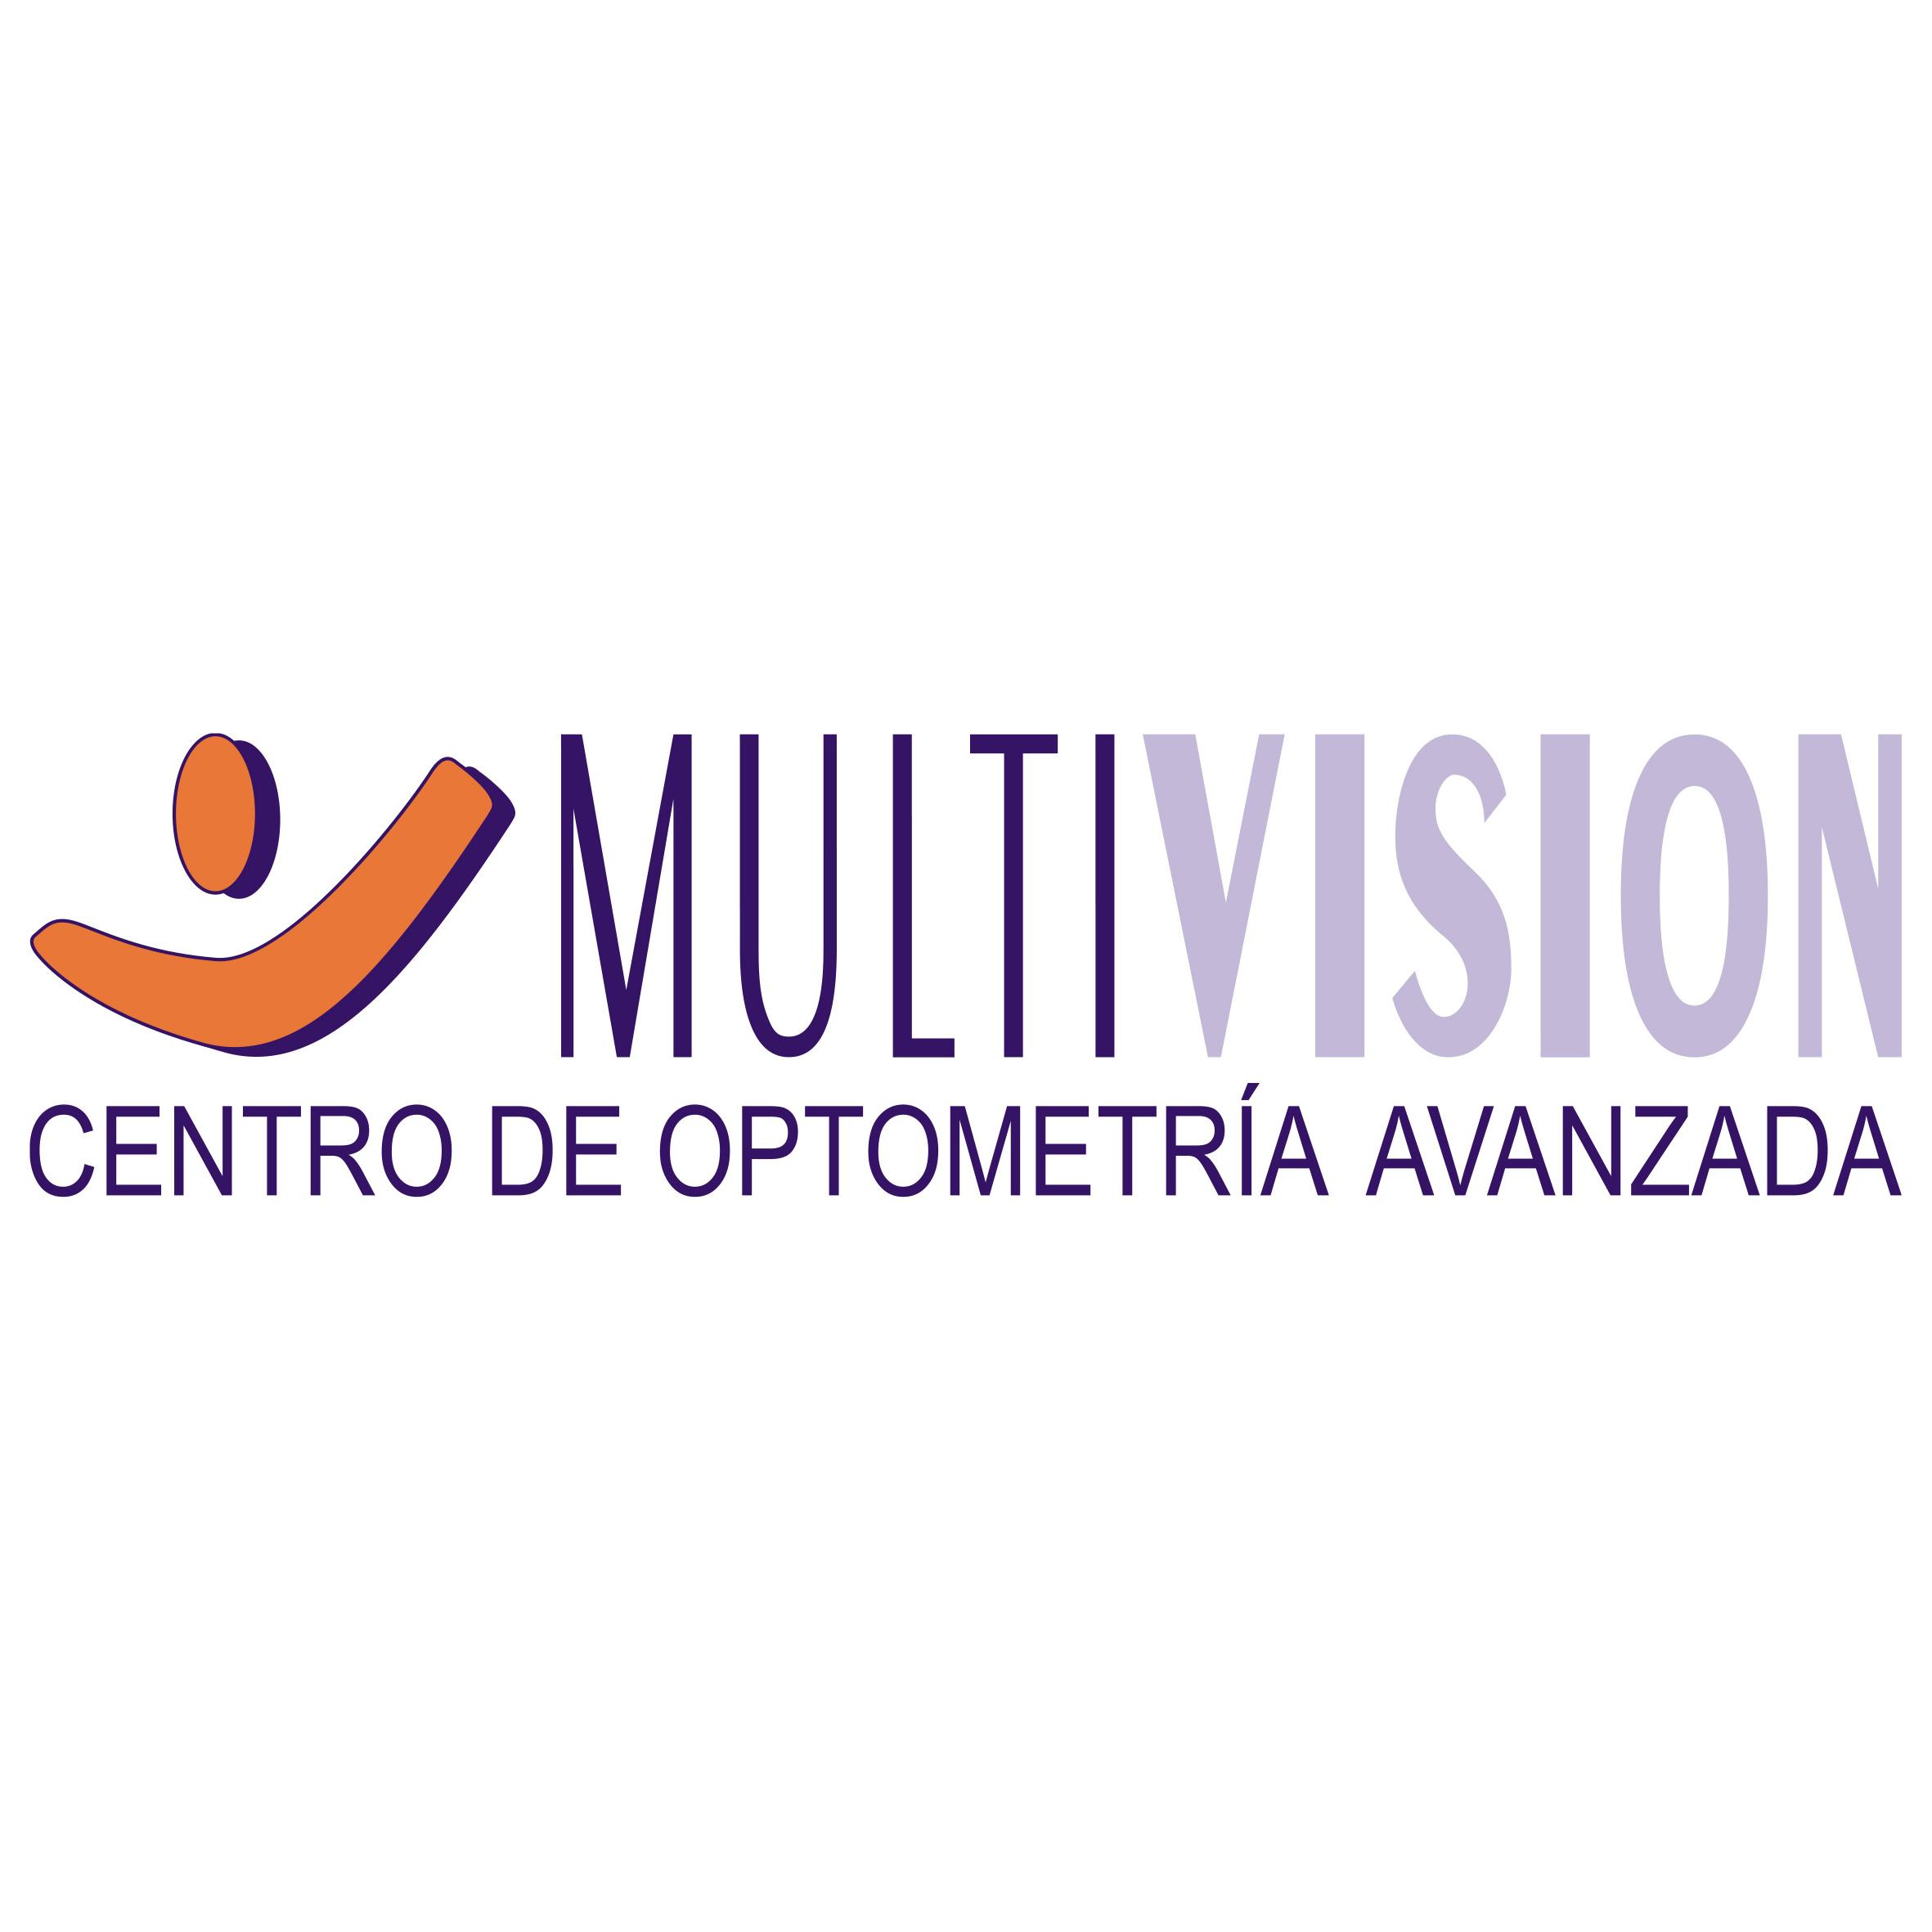 Multivisión